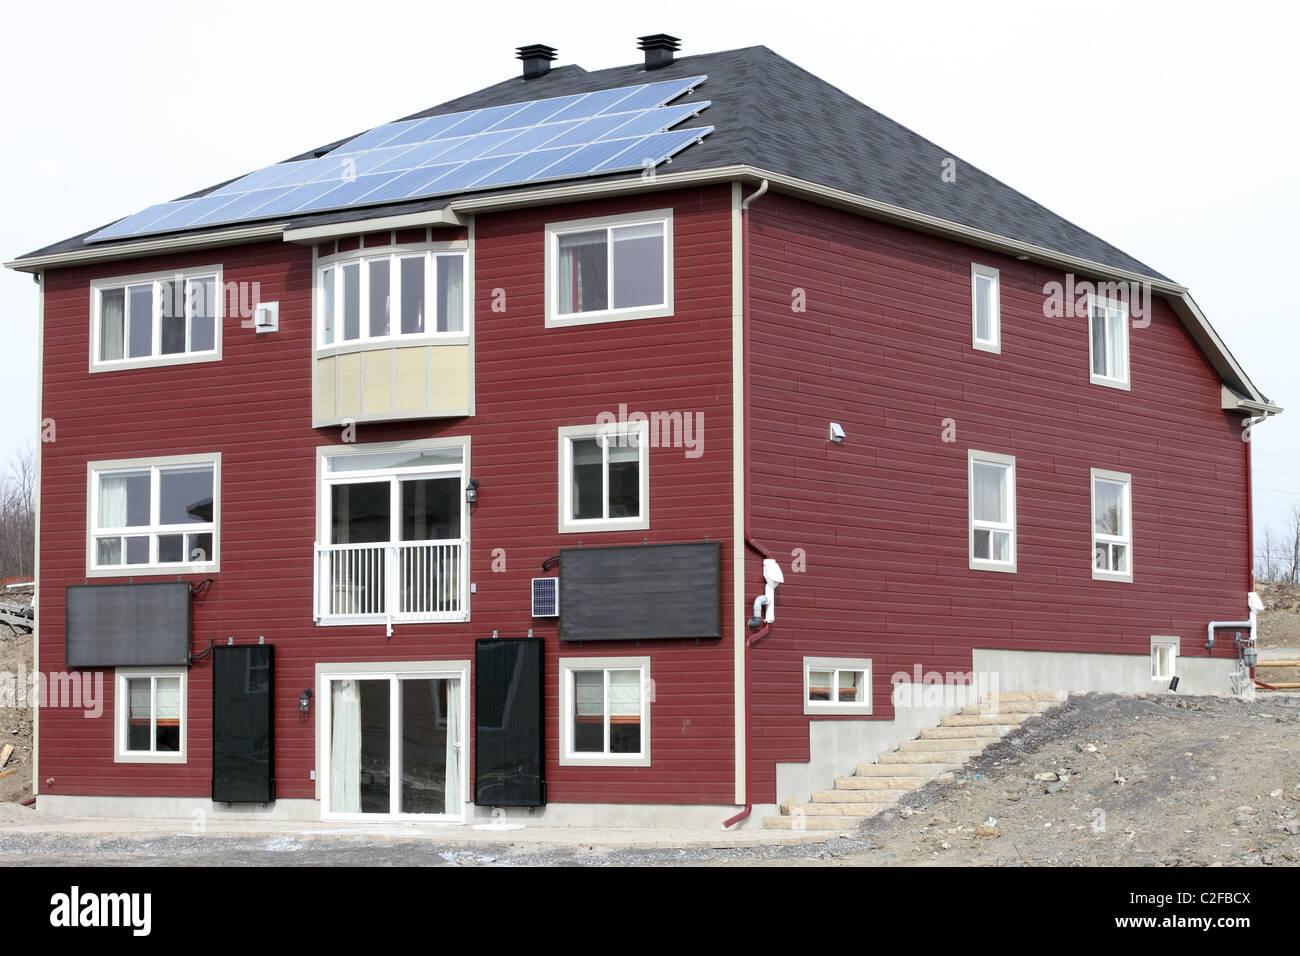 Nouvelles Accueil Présentation de l'énergie verte avec des panneaux solaires sur le toit et Chauffe Photo Stock